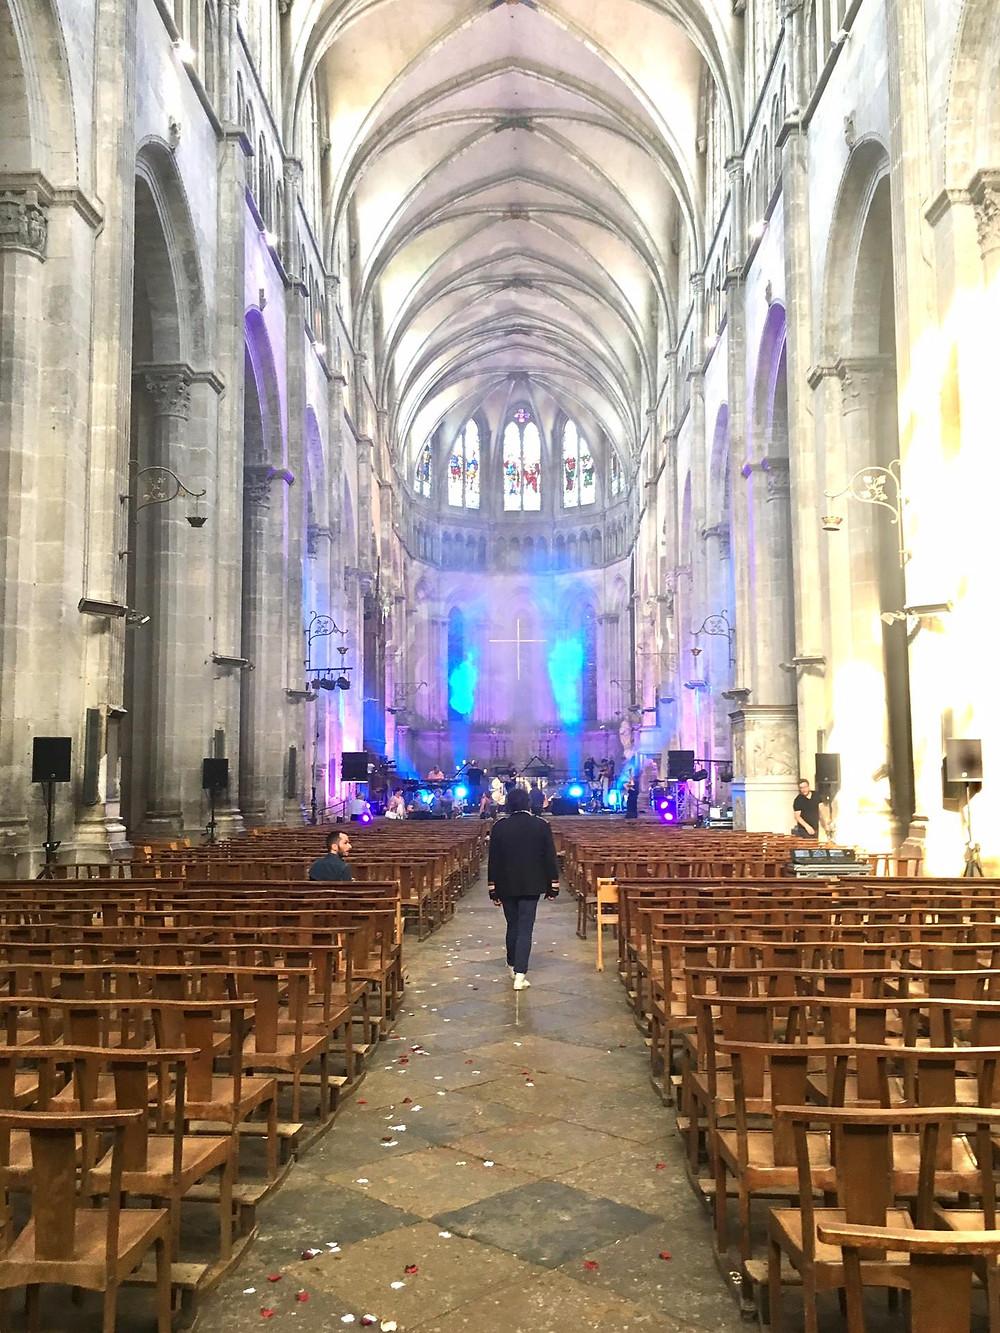 Laurent en concert dans les eglises et cathédrales de France